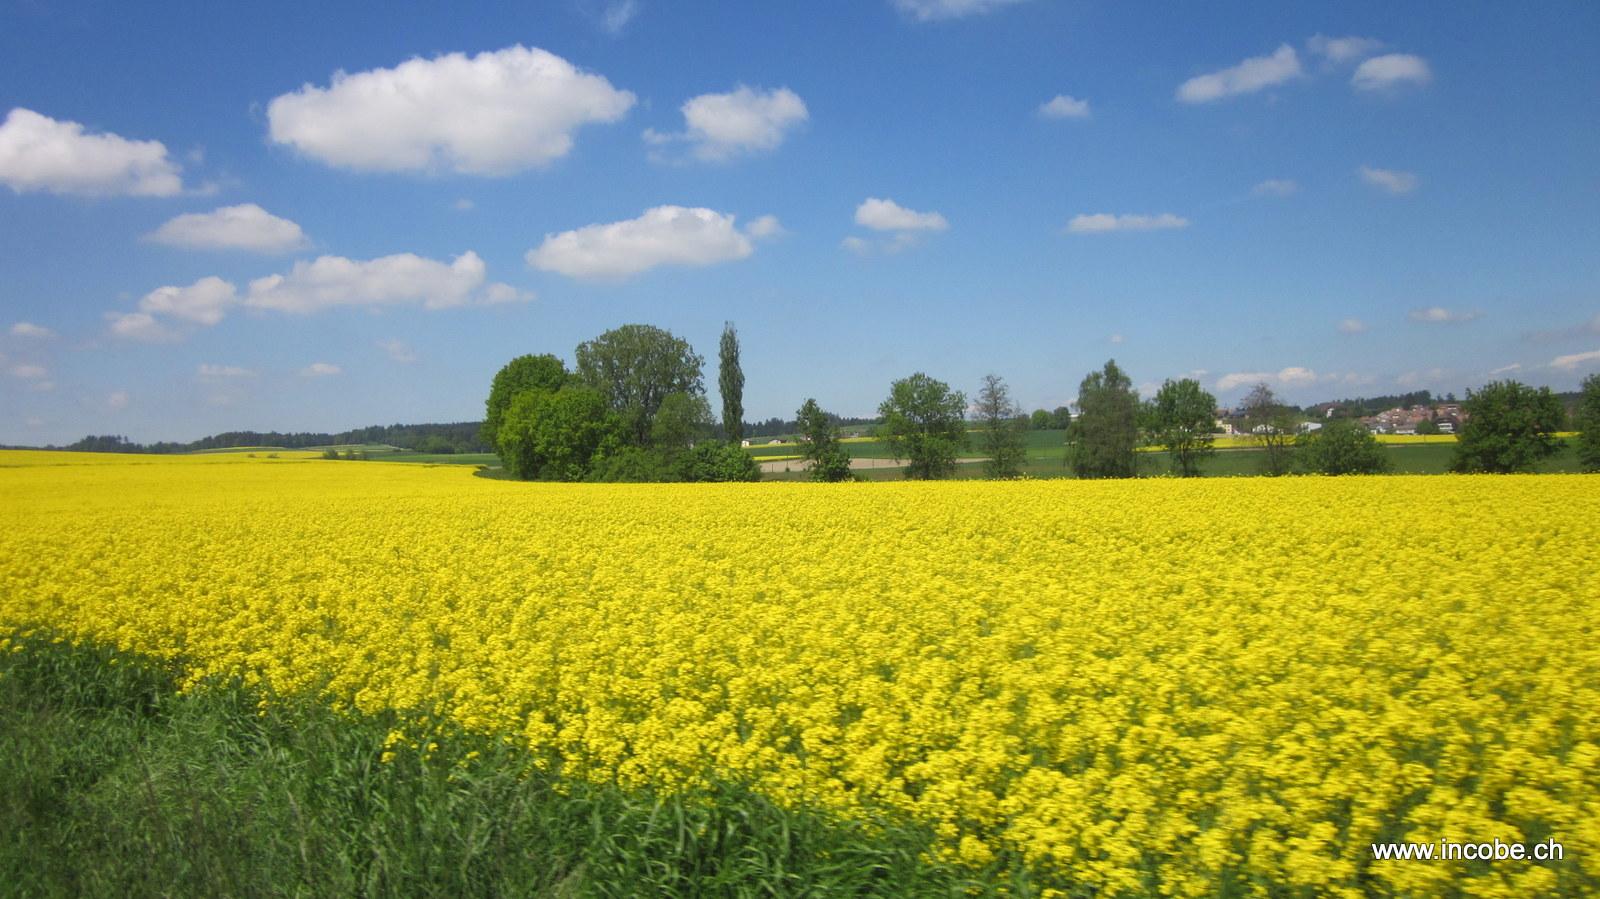 Gibeli gelbe Rapsfelder